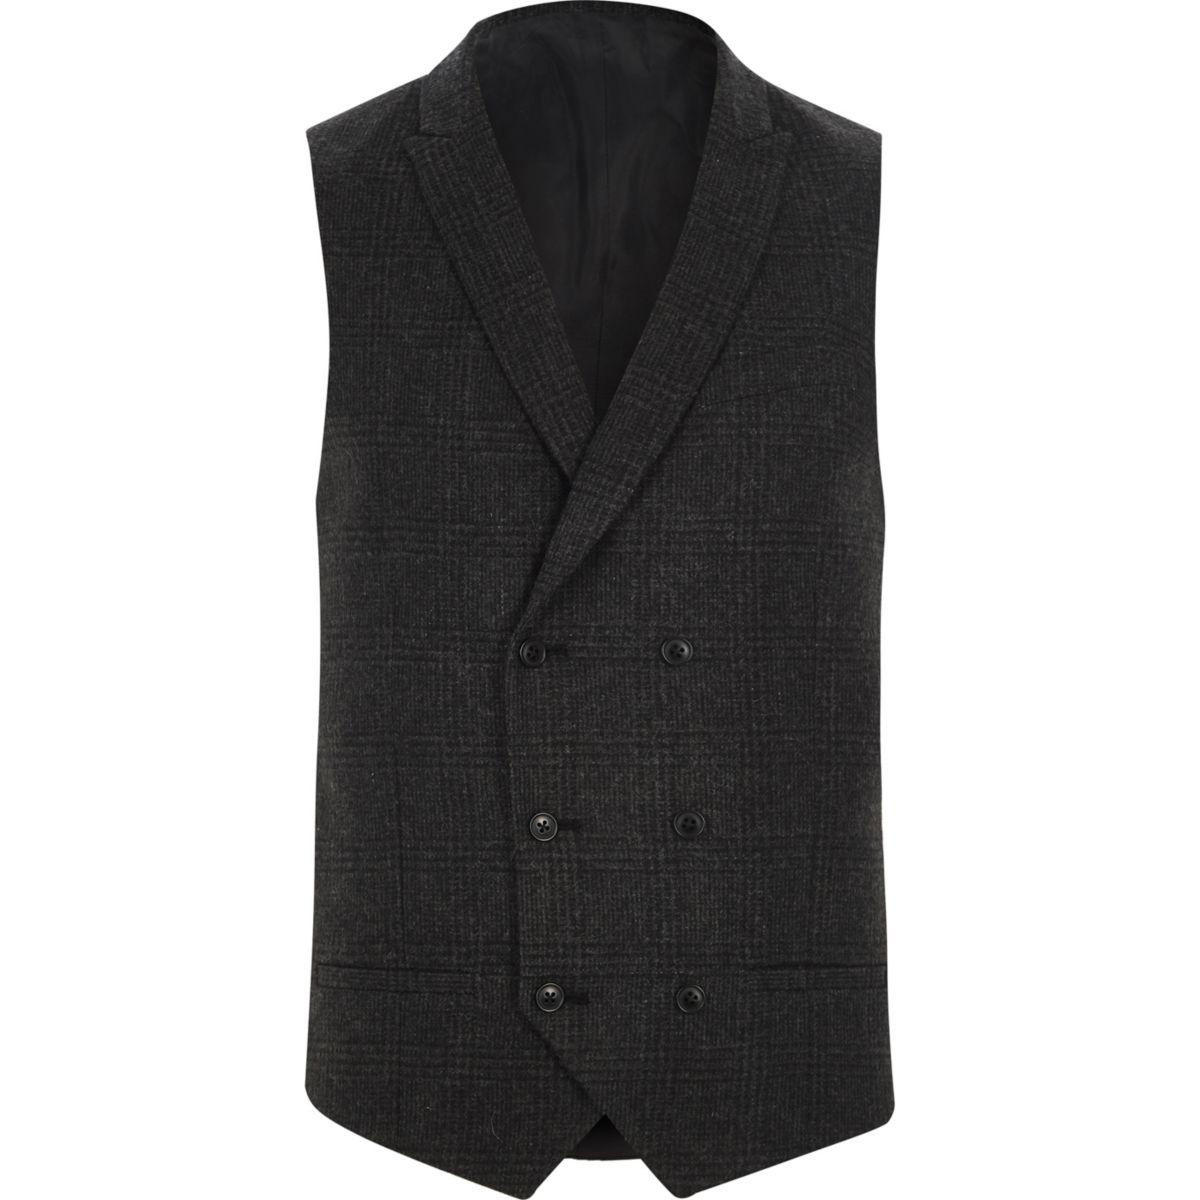 Dark grey heritage check suit vest